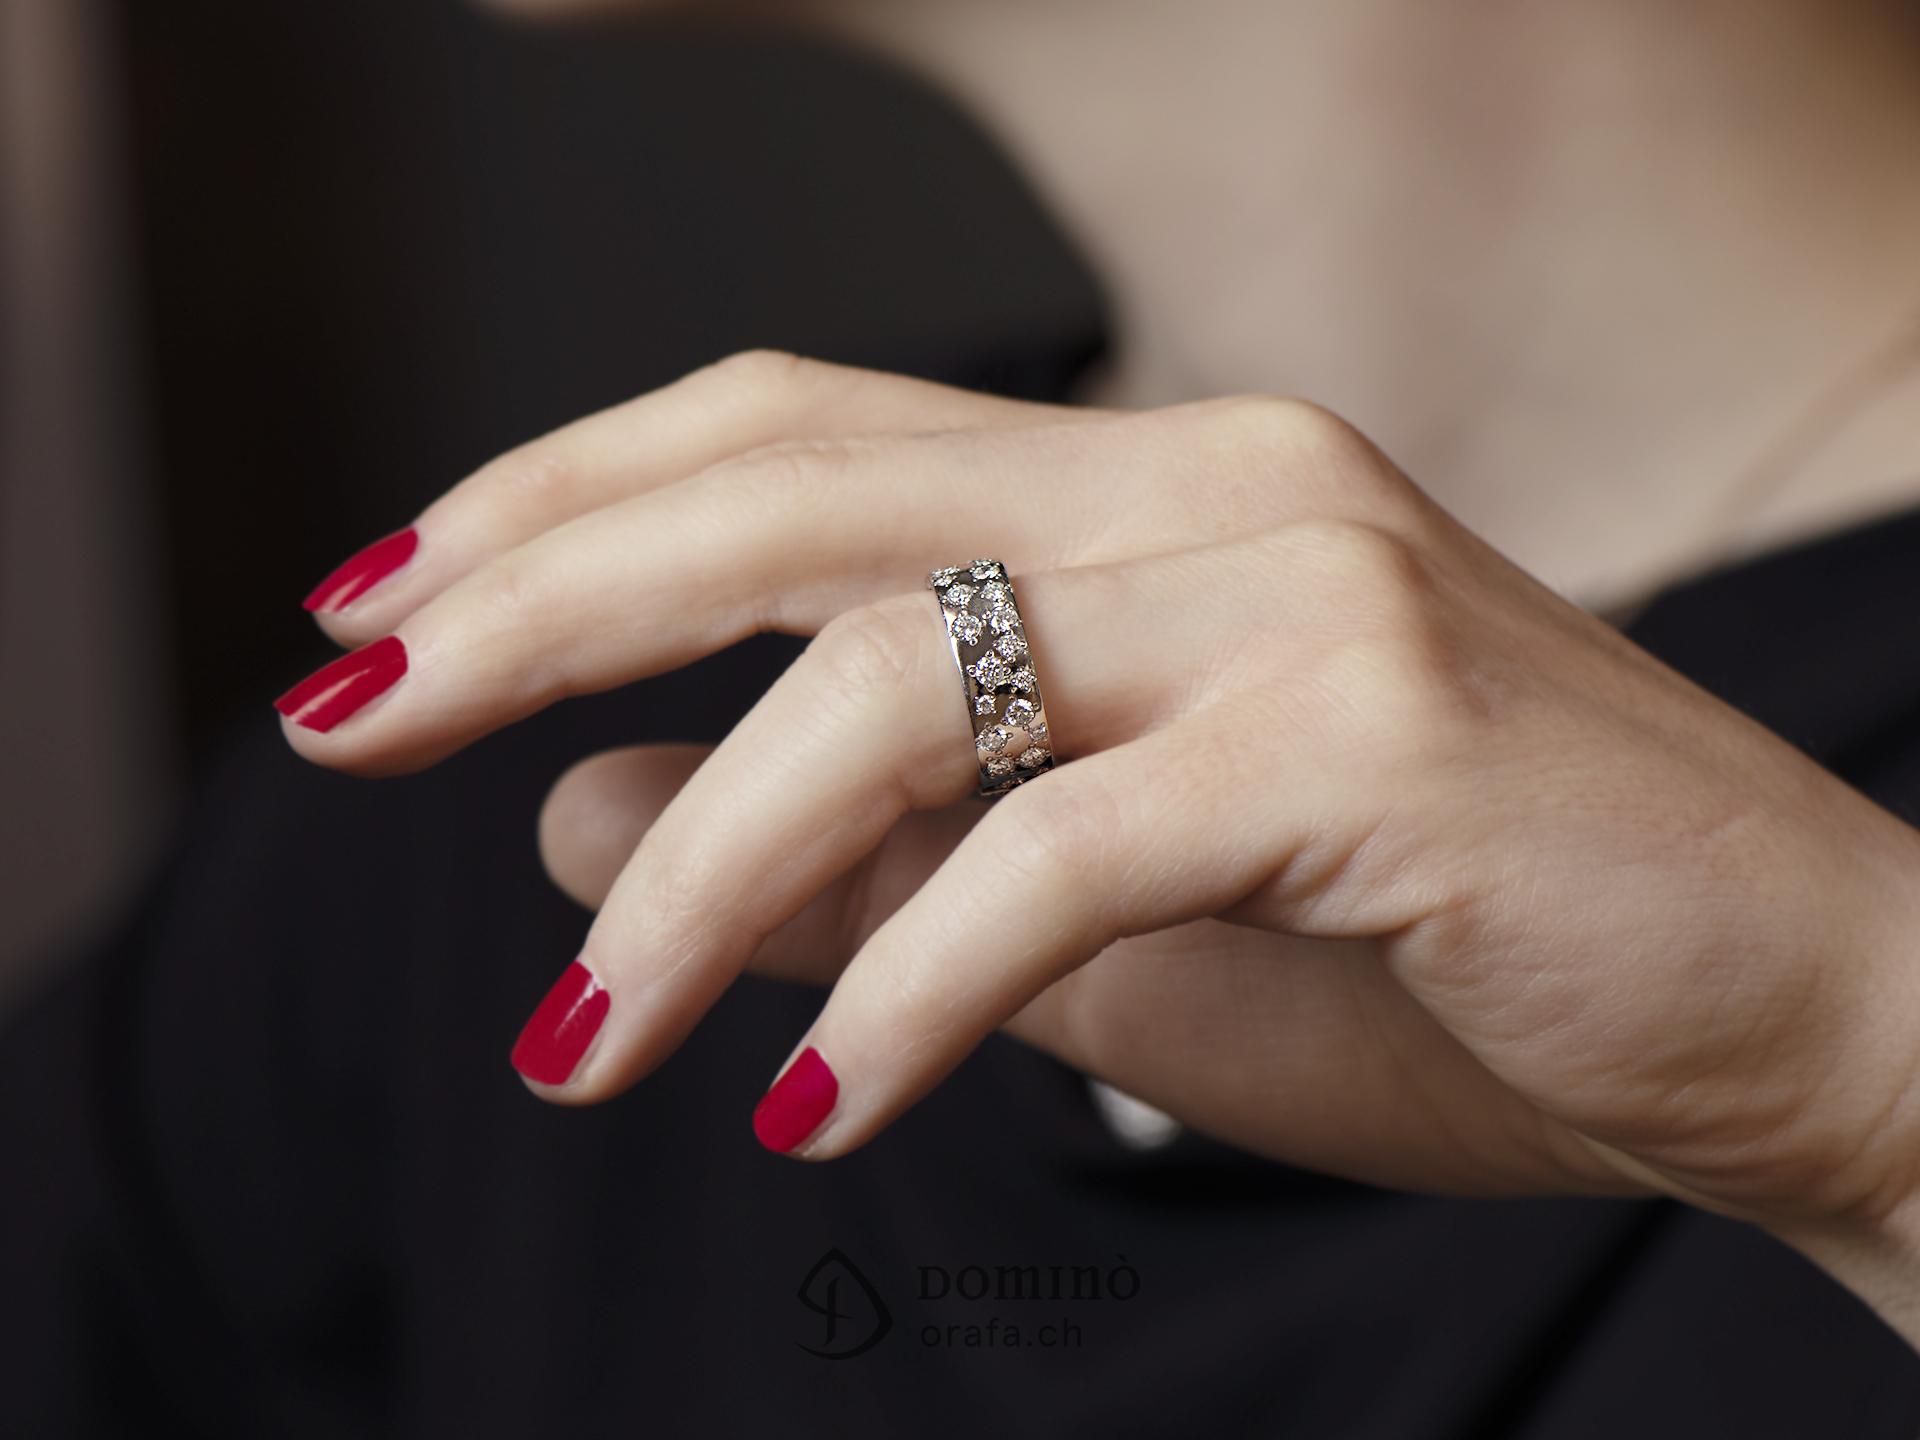 anello-pioggia-43-diamanti-div-giro-1